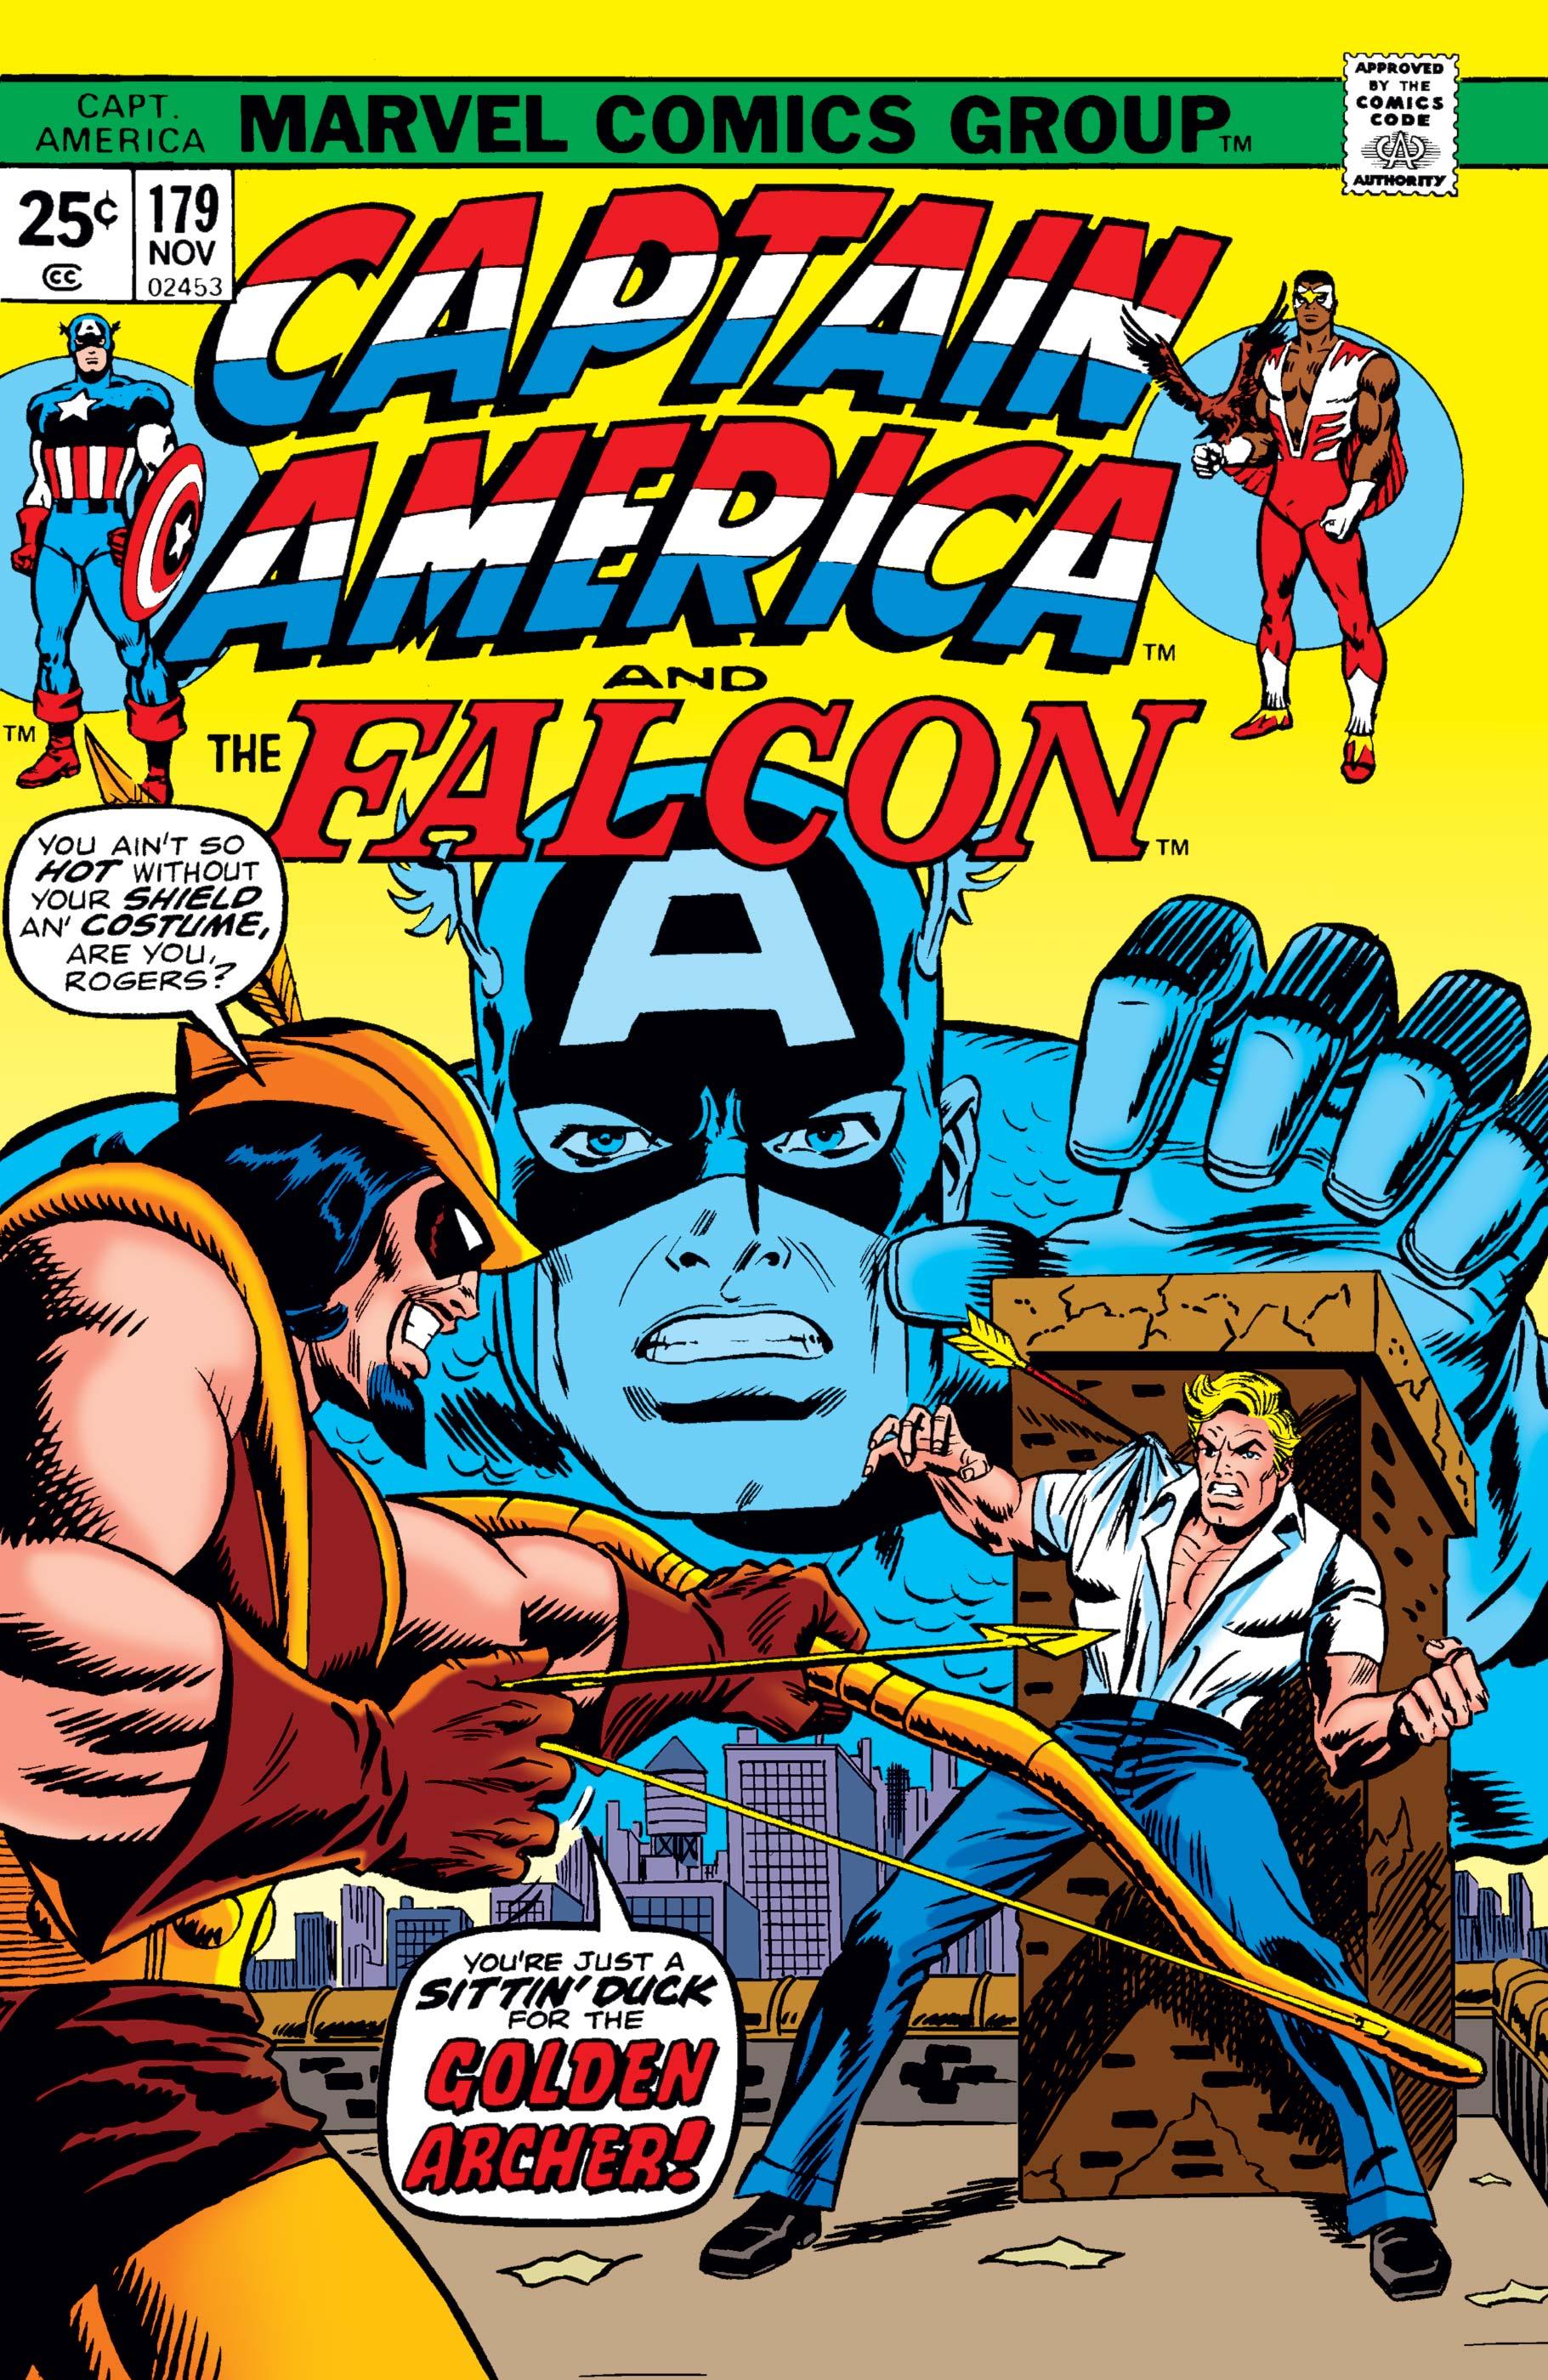 Captain America (1968) #179